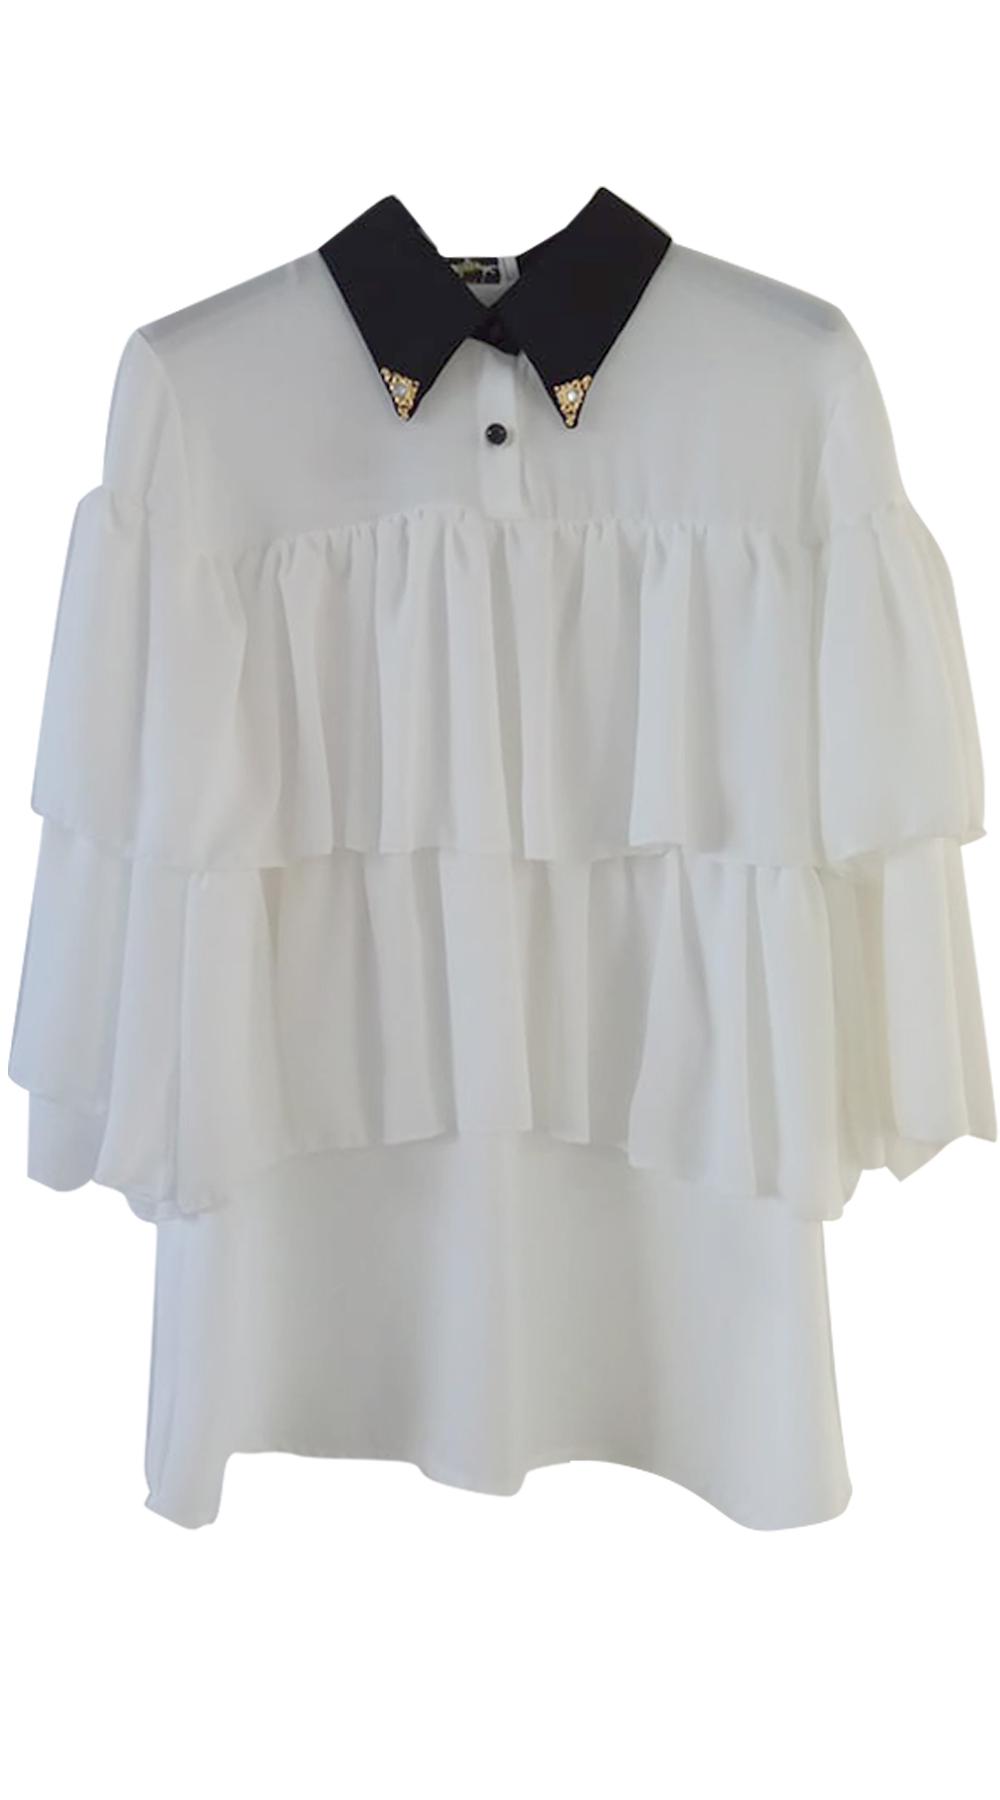 Γυναικείο πουκάμισο με βολάν και μαύρο γιακά με χρυσή λεπτομέρεια - OEM - W18SOF top trends office look